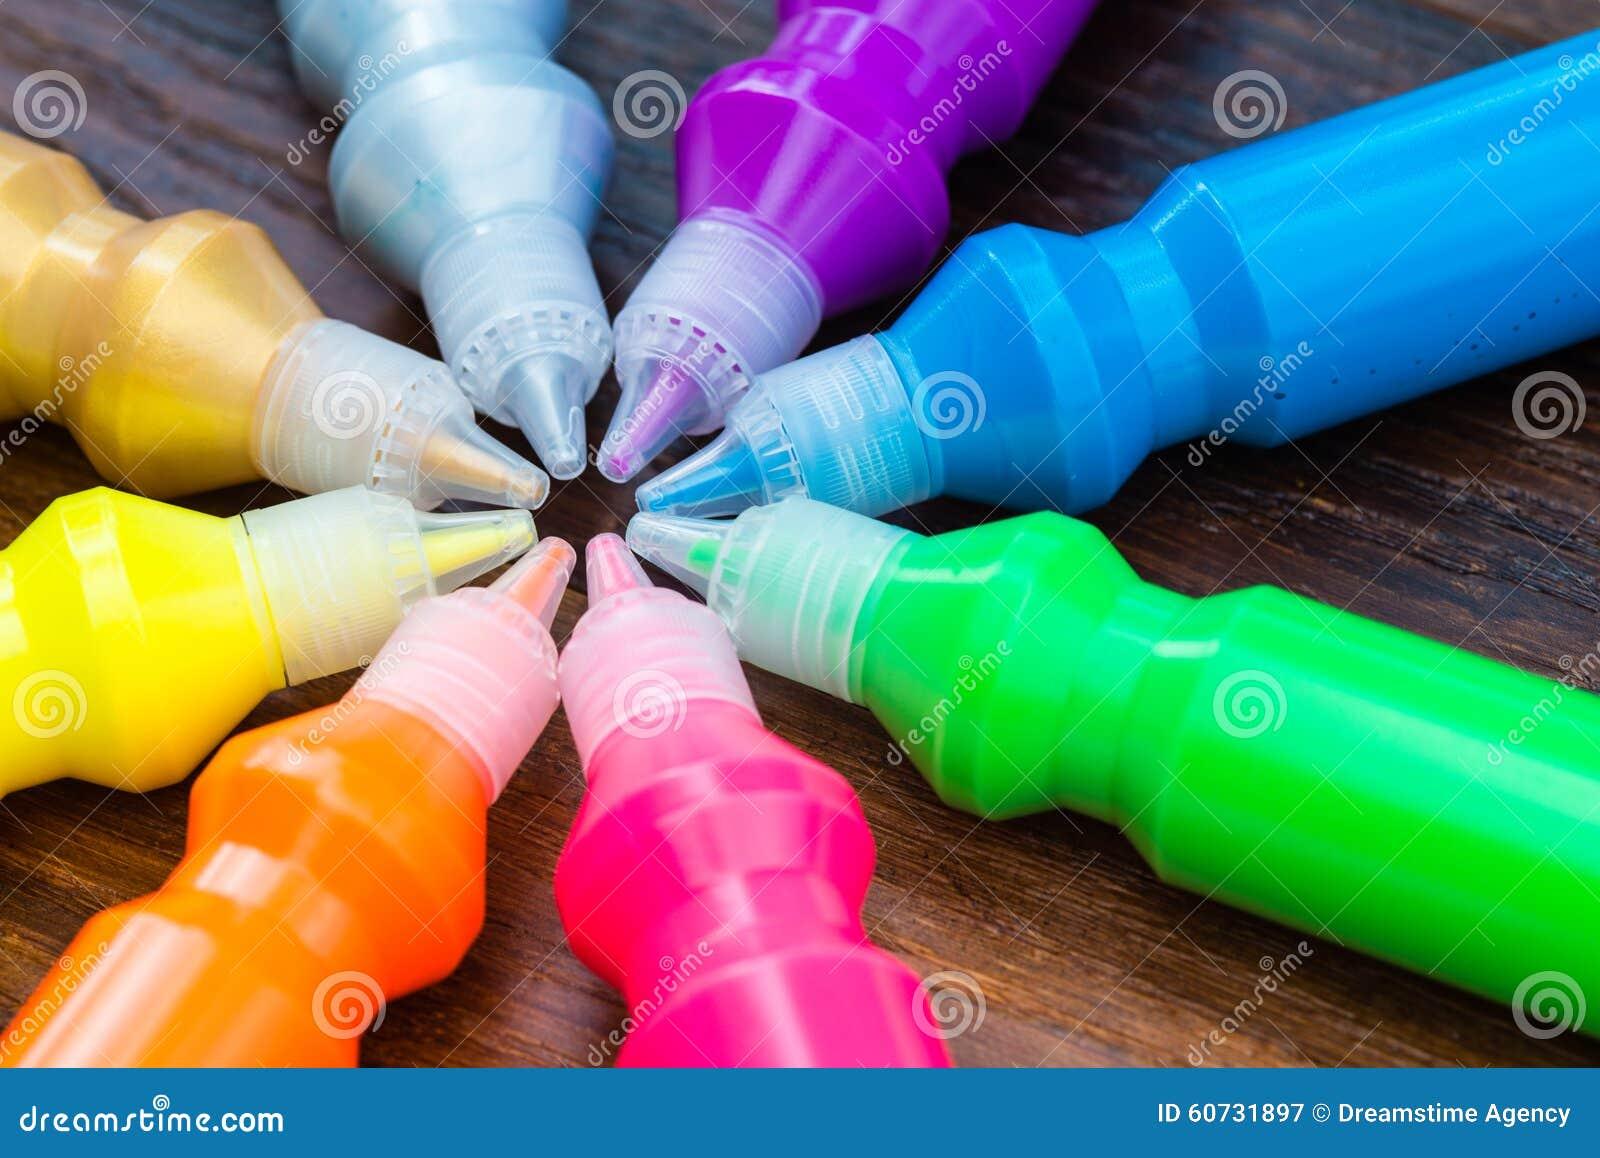 Flaschen mit bunten trockenen Pigmenten auf hölzernem Hintergrund